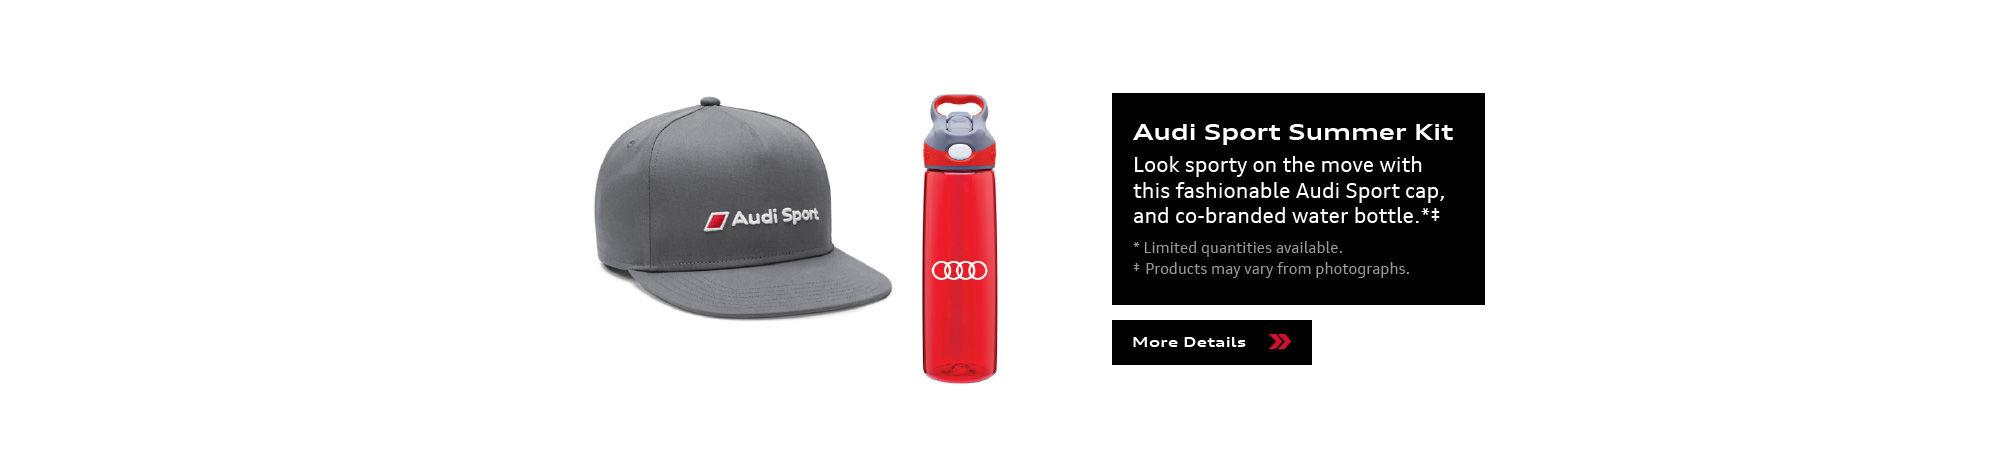 Audi Sport Summer Kit (Slider)